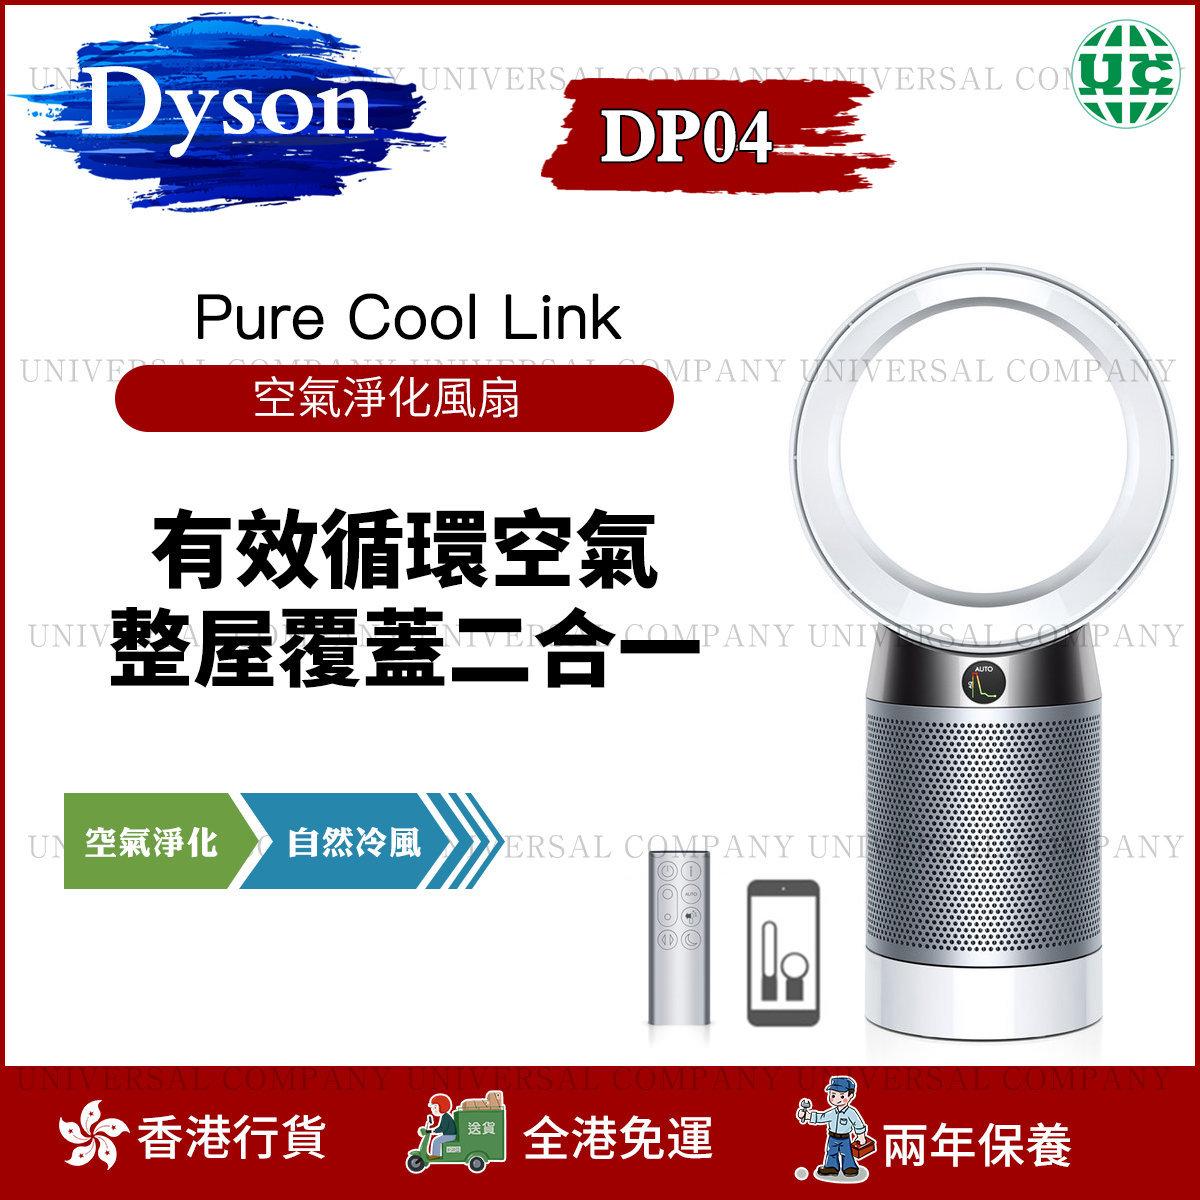 二合一智能空氣淨化風扇 座枱式 DP04 銀白色 ( 香港行貨)